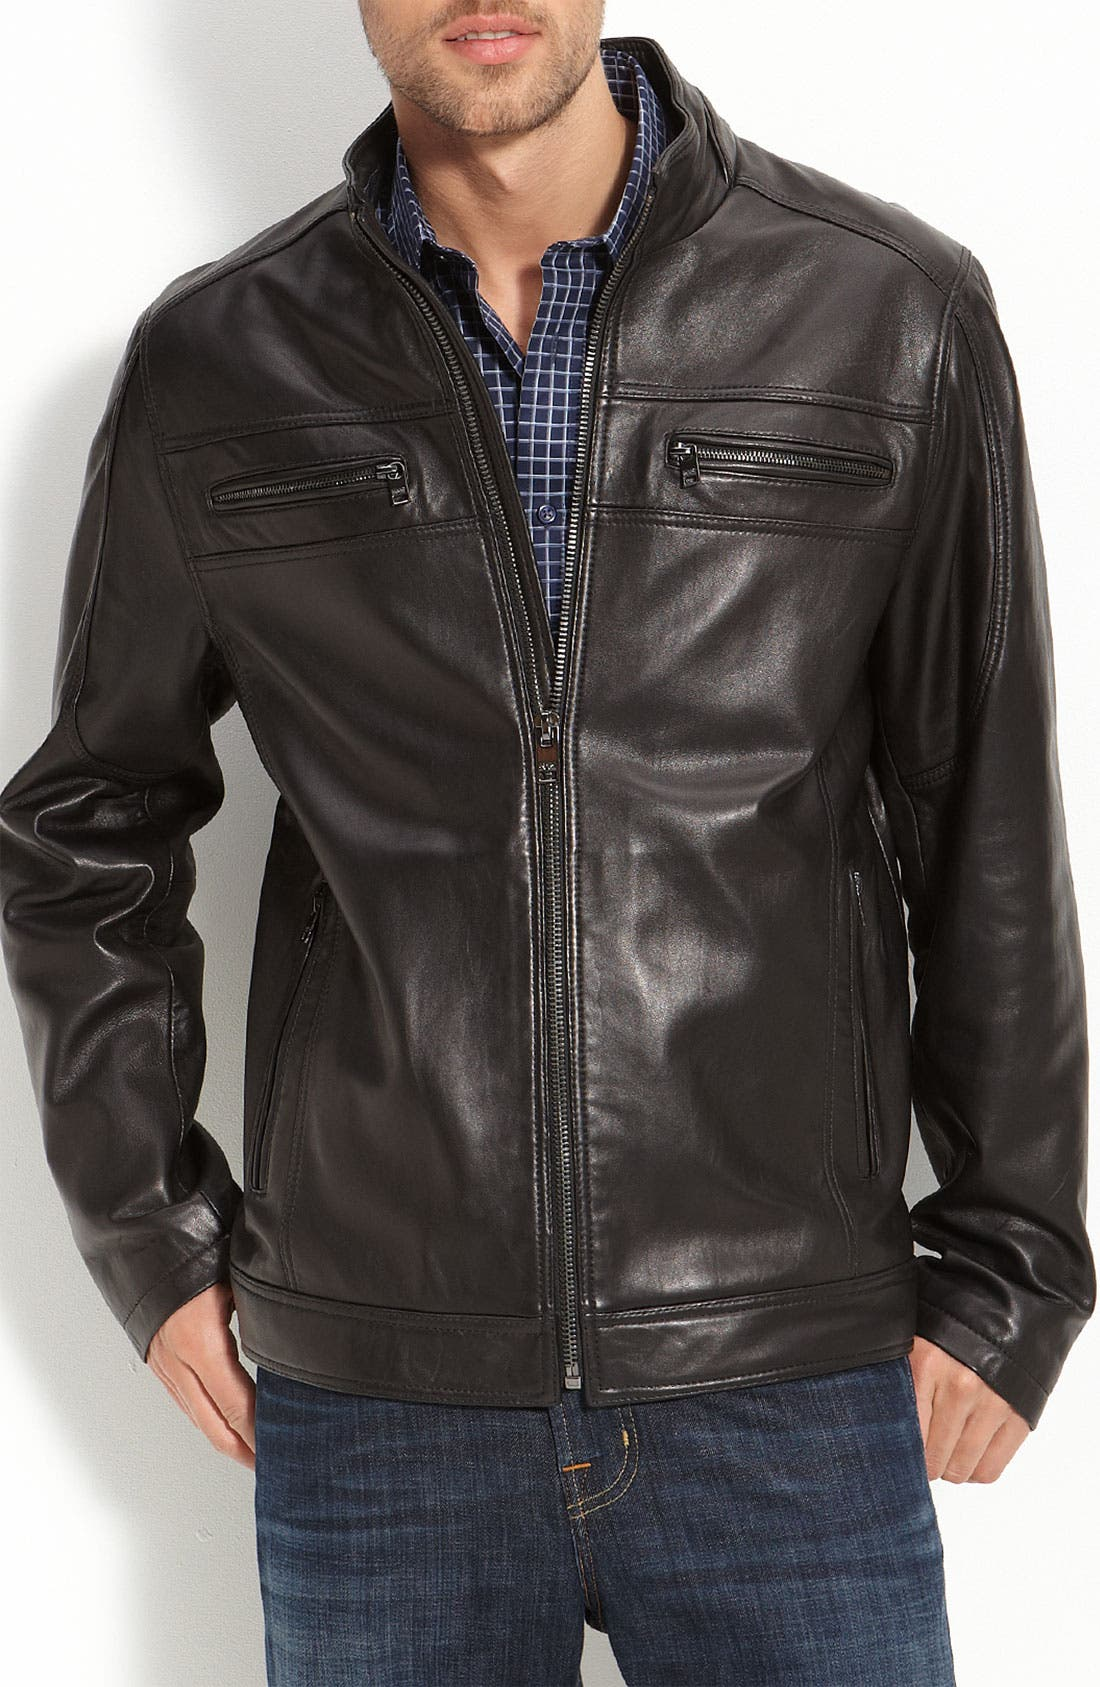 Main Image - Marc New York 'Jackson' Leather Jacket